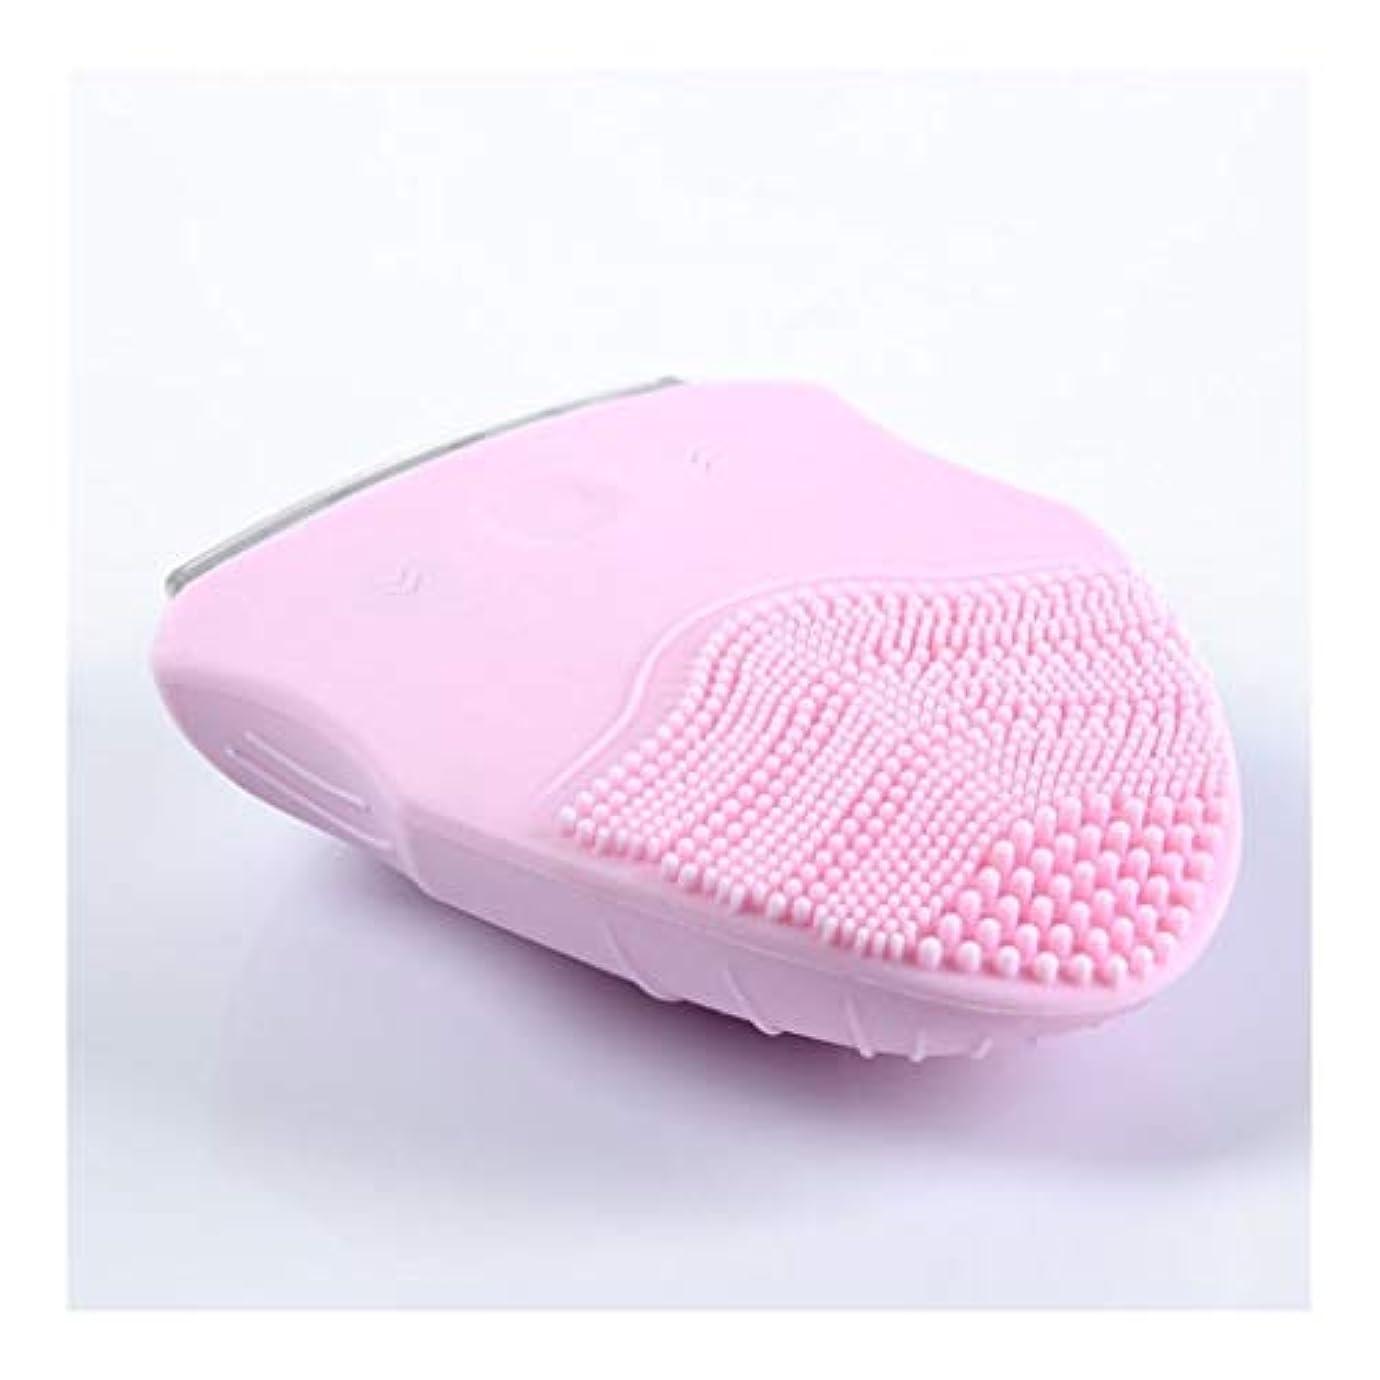 意識鉄道駅潜むソニックバイブレーションフェイシャルクレンジングブラシ、電動ポータブル美容器具ディープクレンジングブラシは、すべての肌タイプのしわ美容ツールを減らします (Color : Pink)